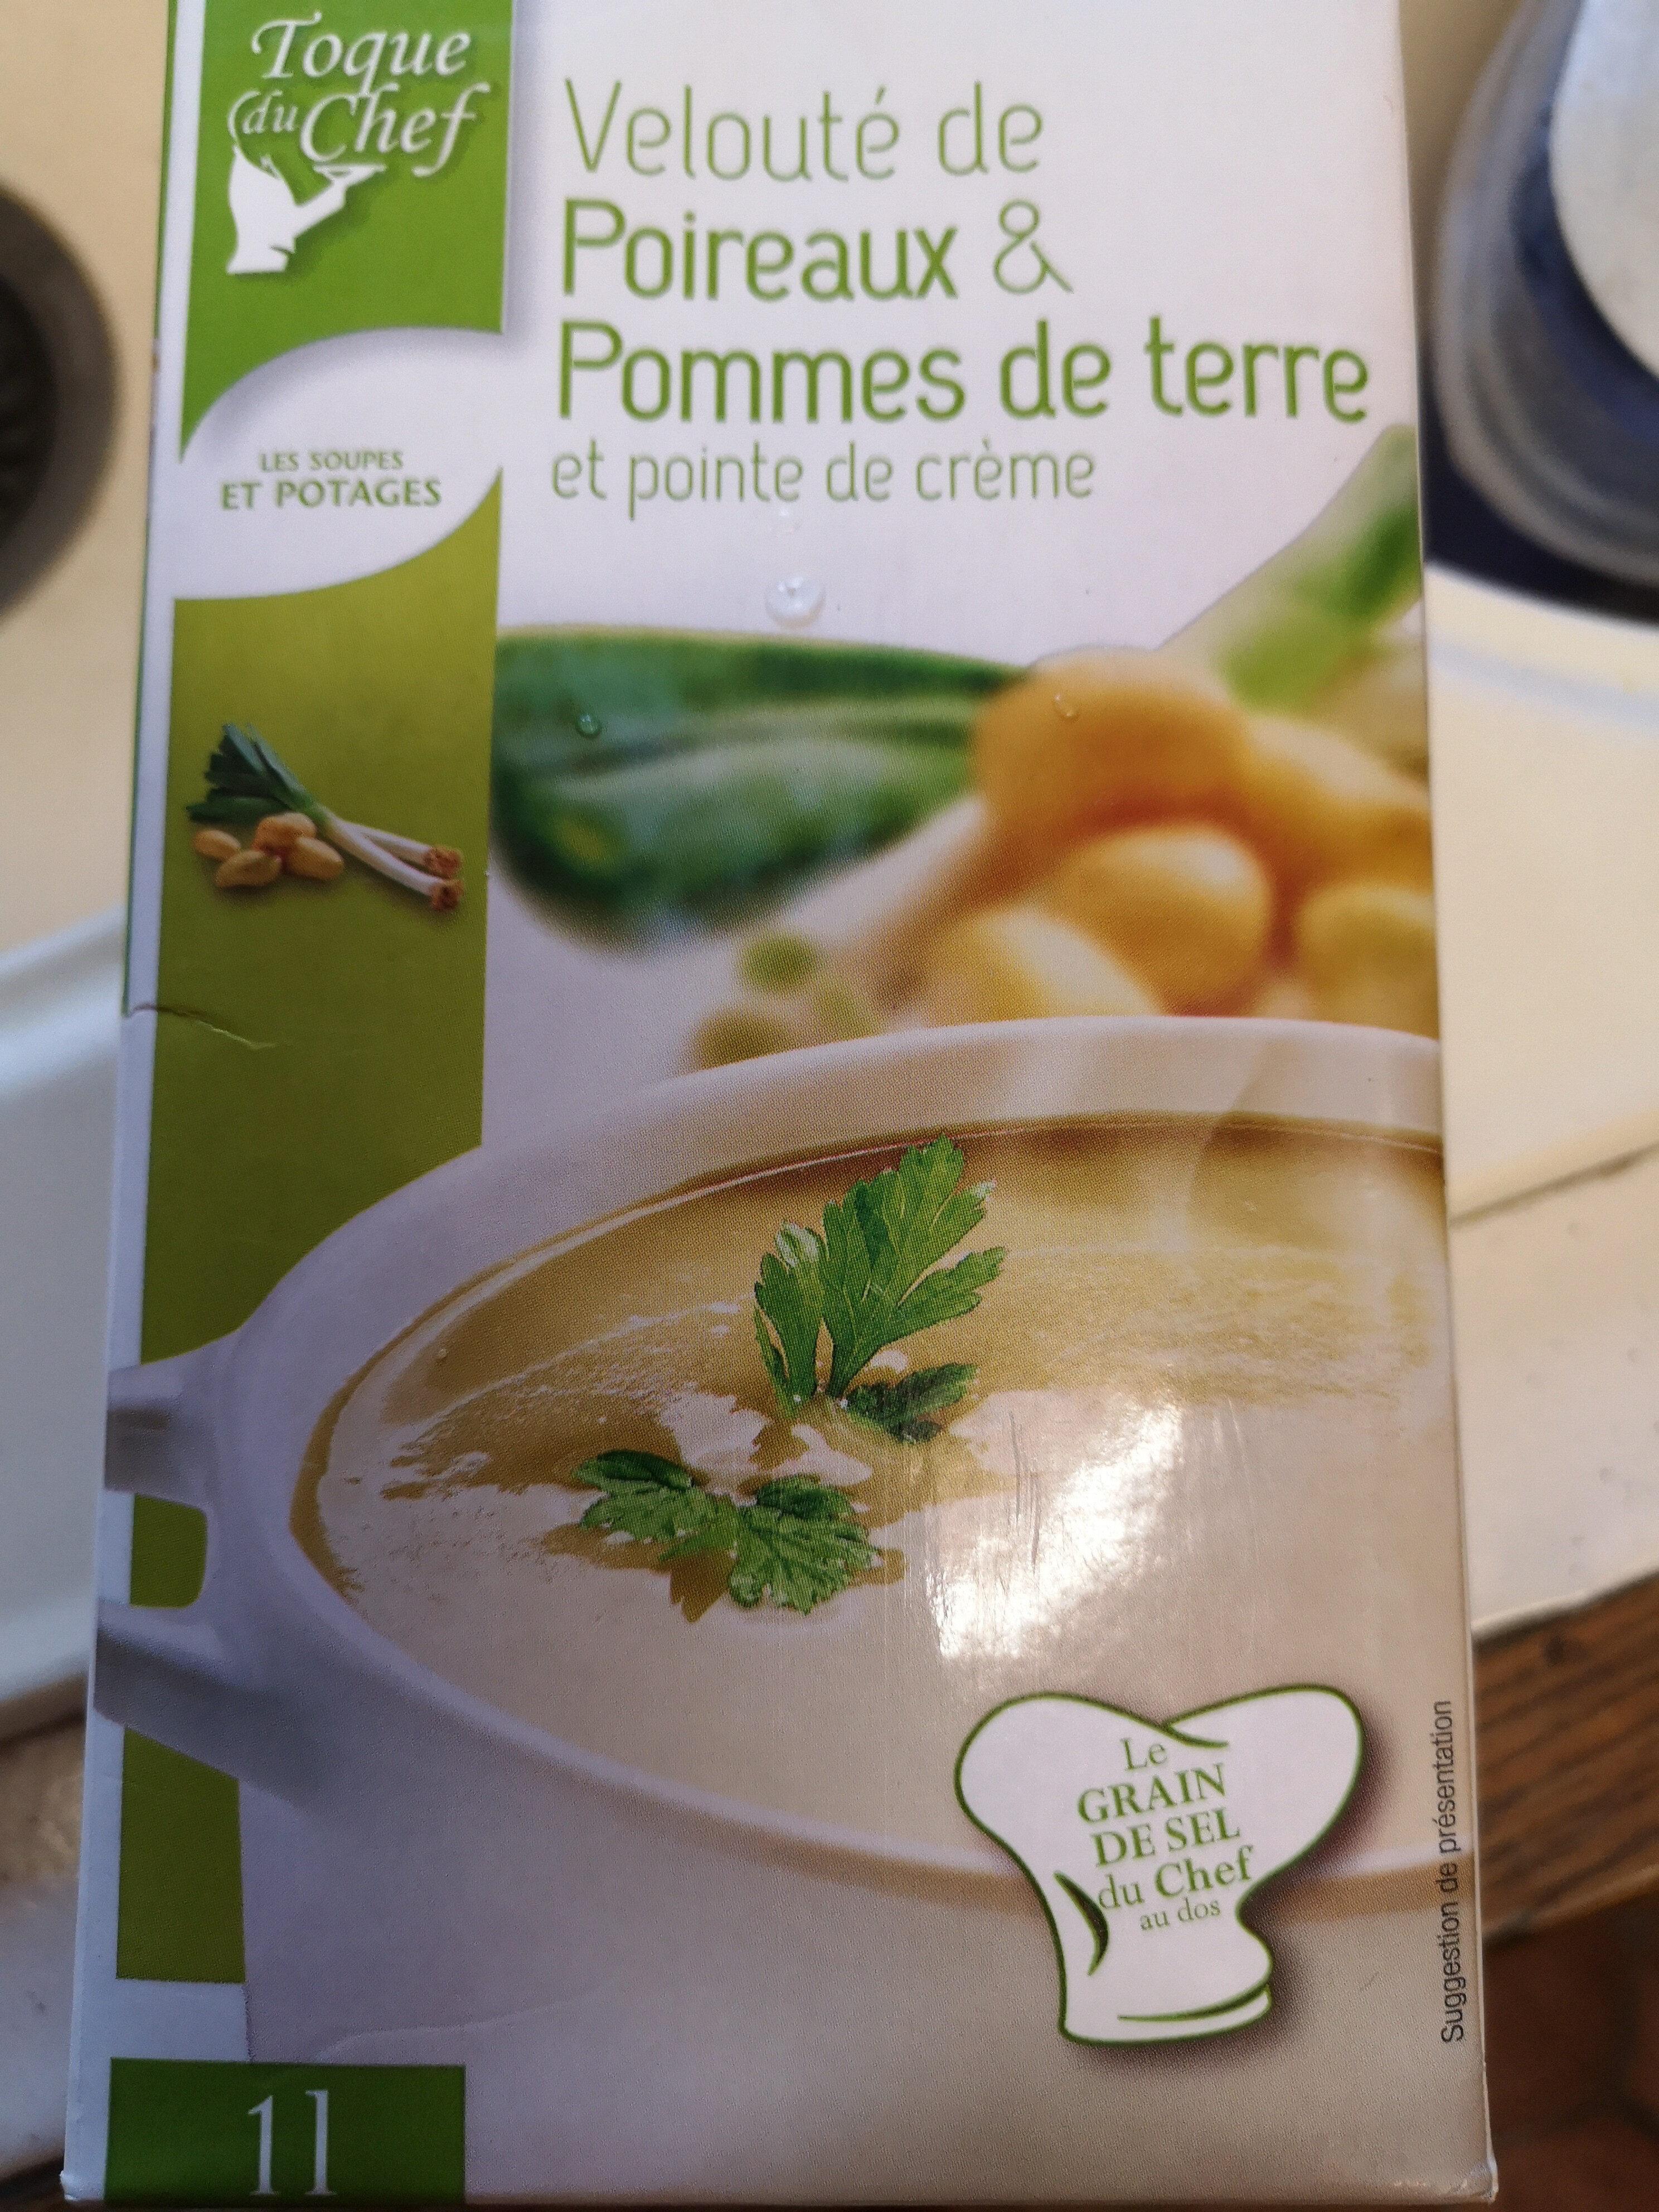 velouté de poireaux & pommes de terre et pointe de crème - Product